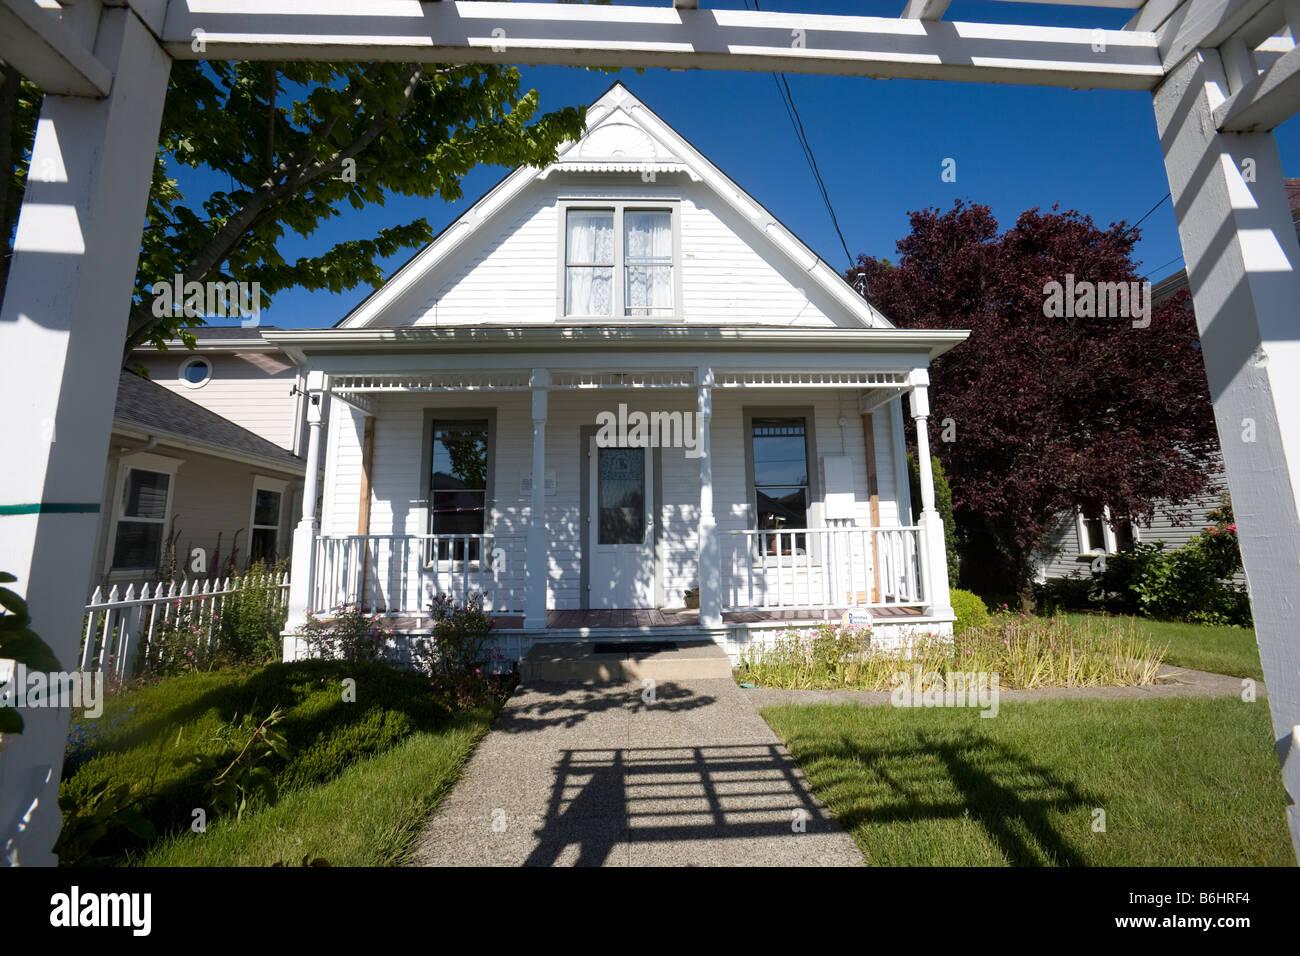 Das David-Haus. Einer der ältesten verbleibenden Wohnungen in Florence, Oregon, Vereinigte Staaten Stockbild